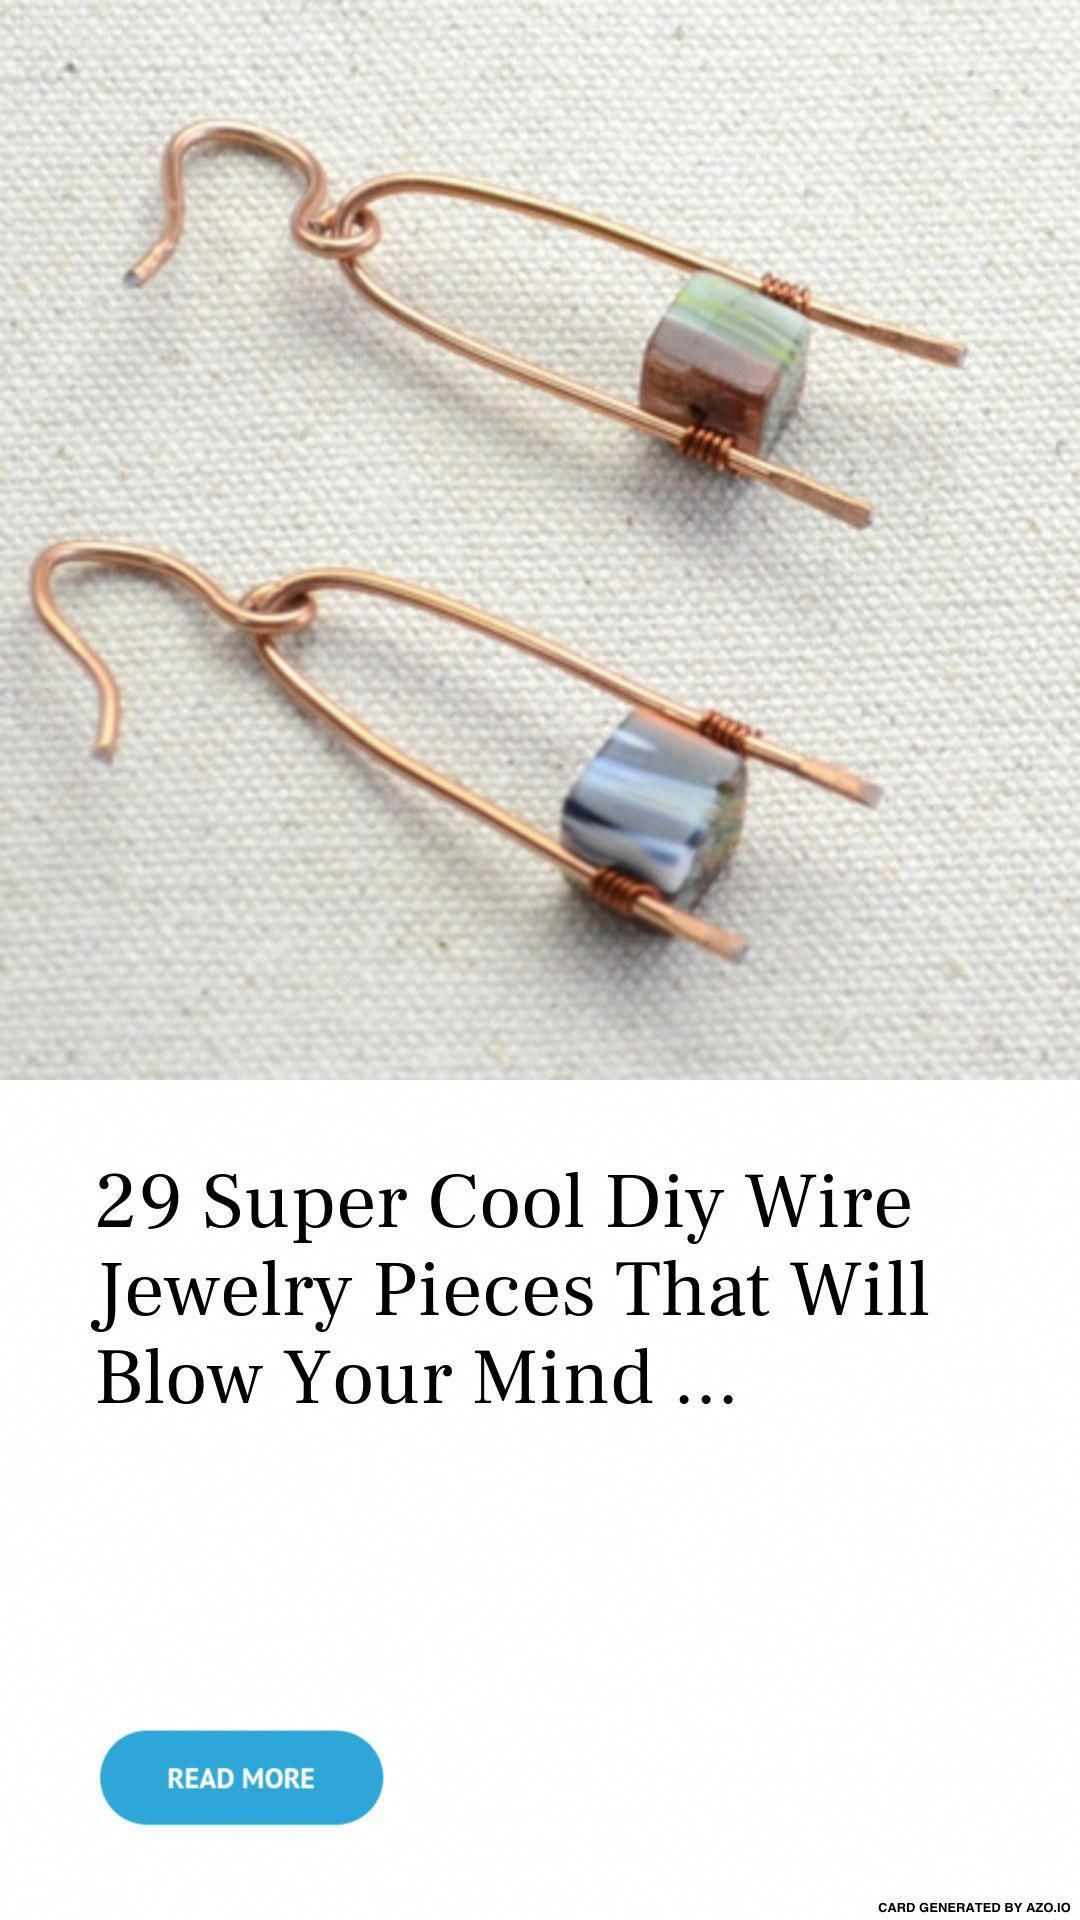 29 # Super Genial #Diy Wire # Piezas de joyería que te dejarán boquiabierto … – #DIY #di …